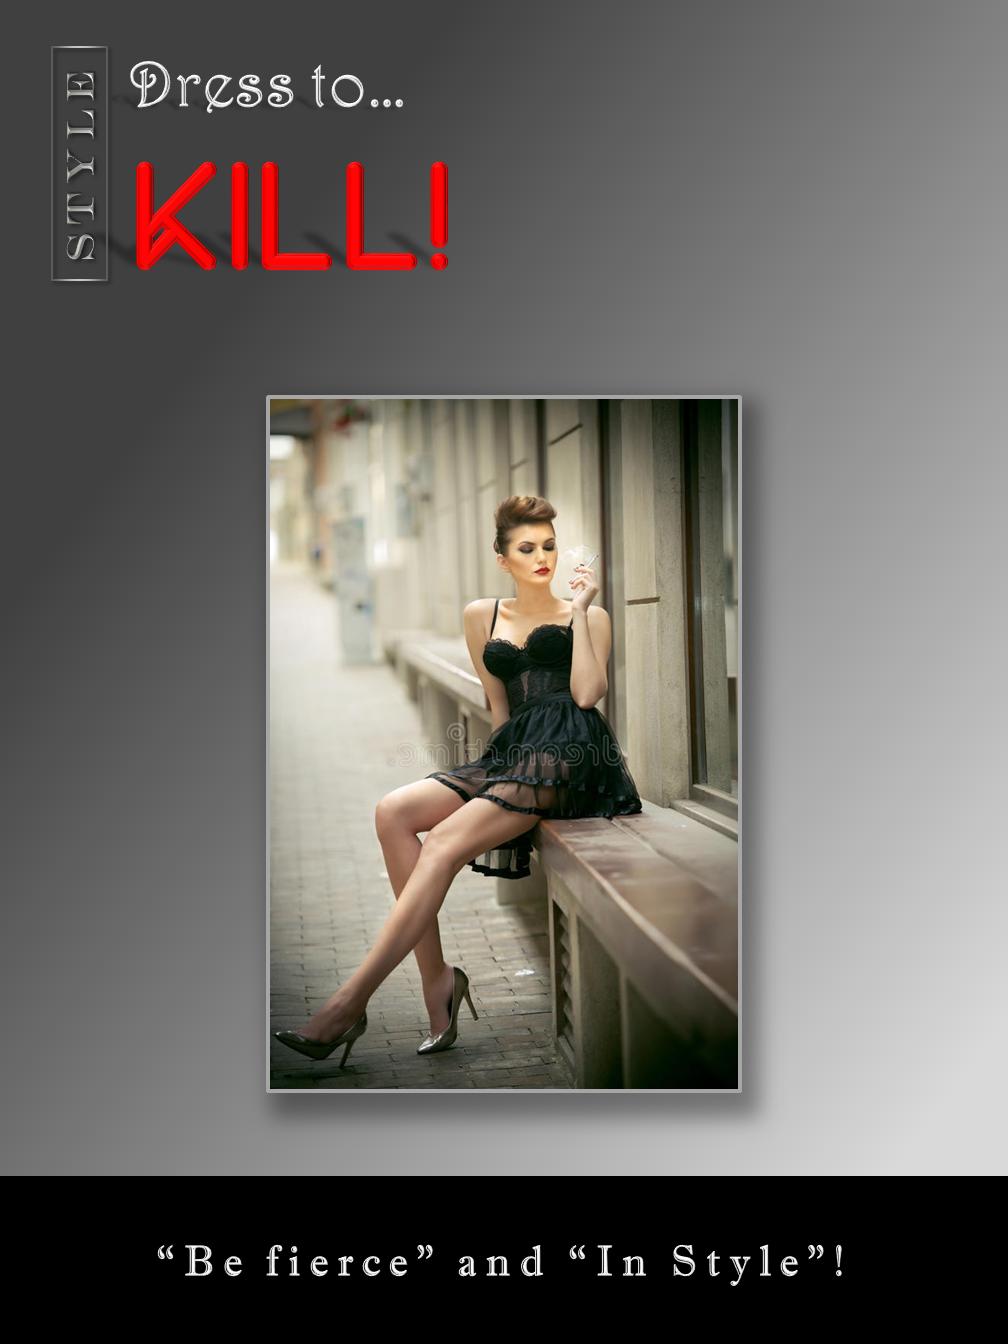 Dress to kill!